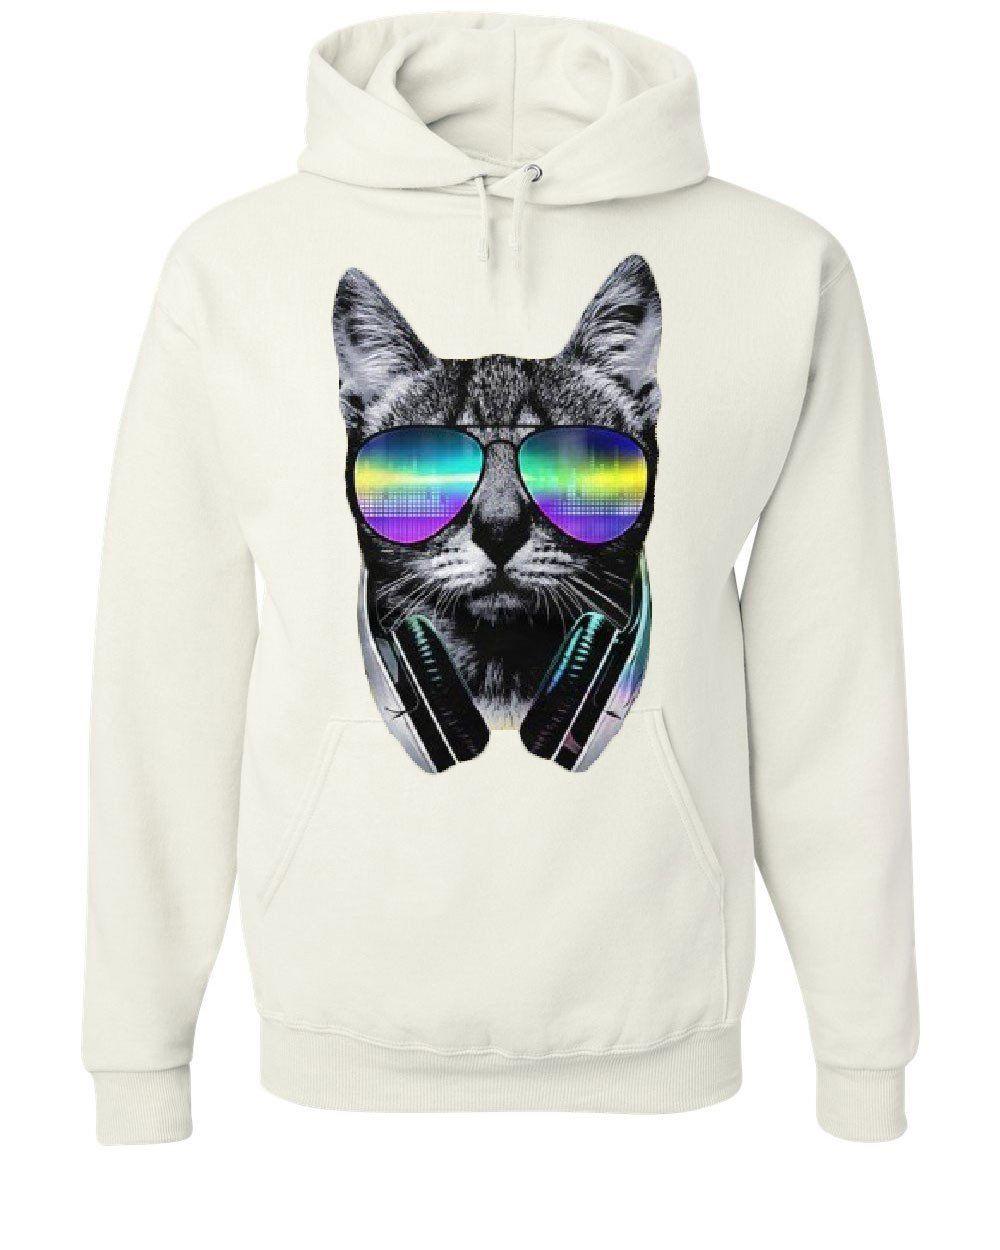 Funny DJ Cat Wideneck Sweatshirt Music Kitten Headphones and Glasses